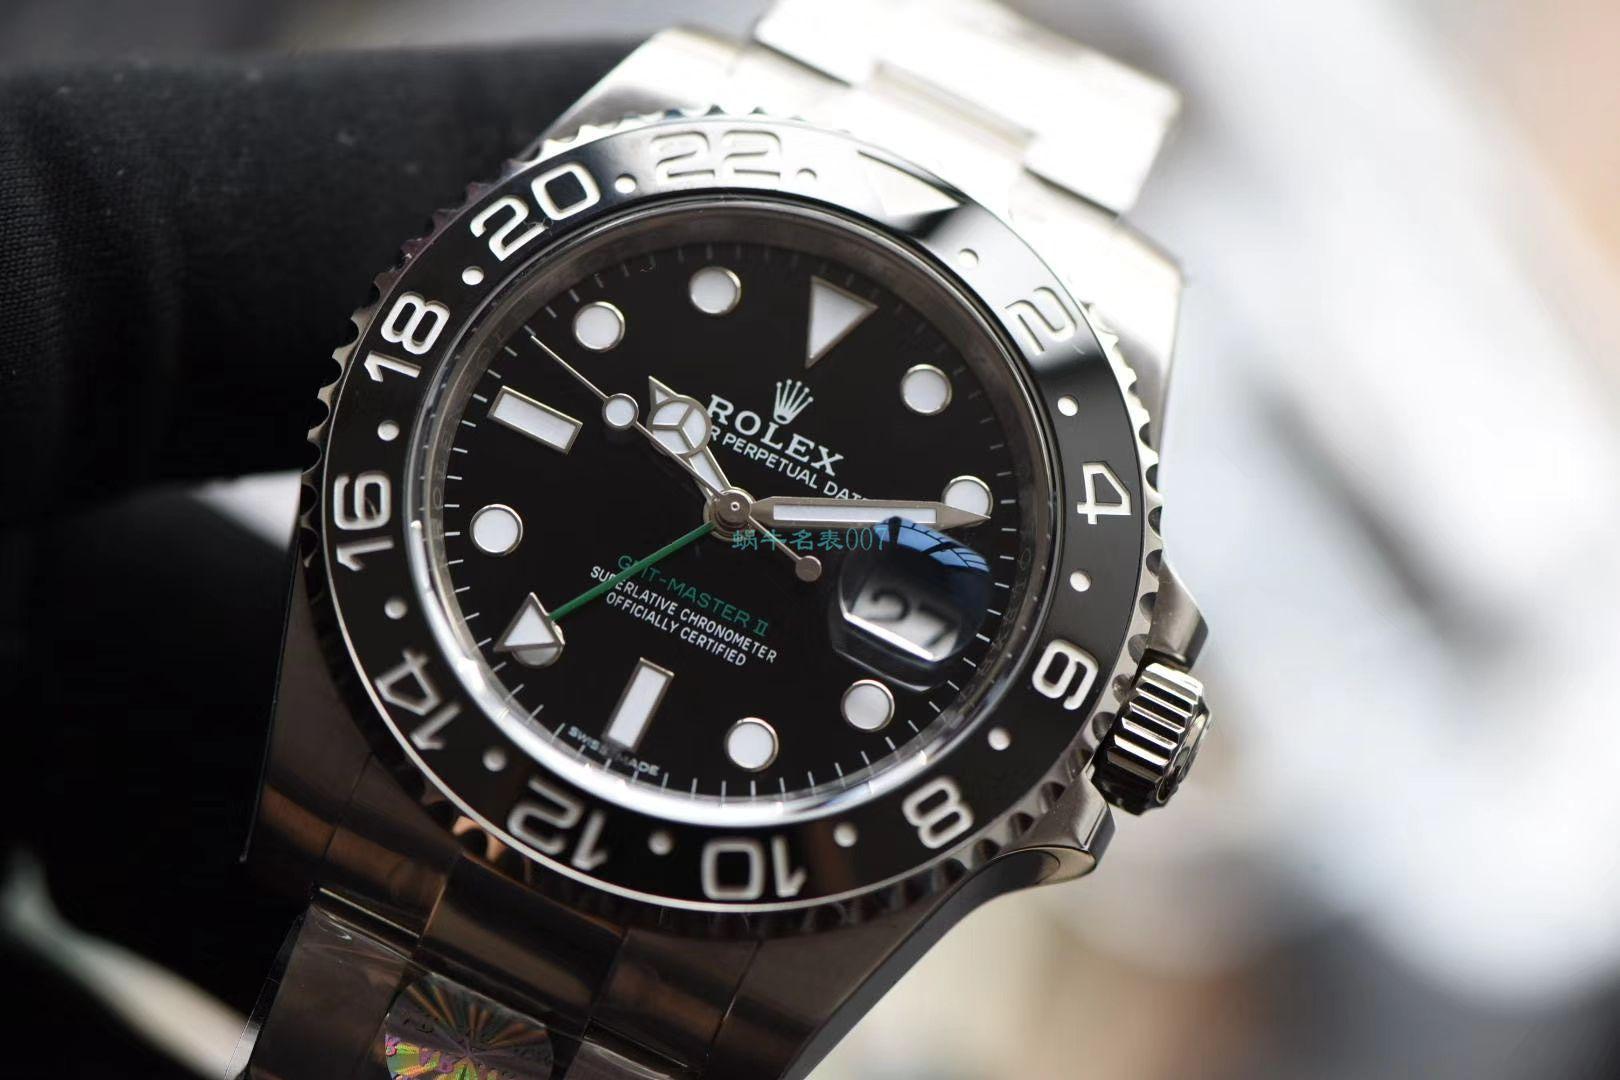 AR厂顶级复刻手表劳力士格林尼治型II二代116710LN-78200腕表(绿针) / R573